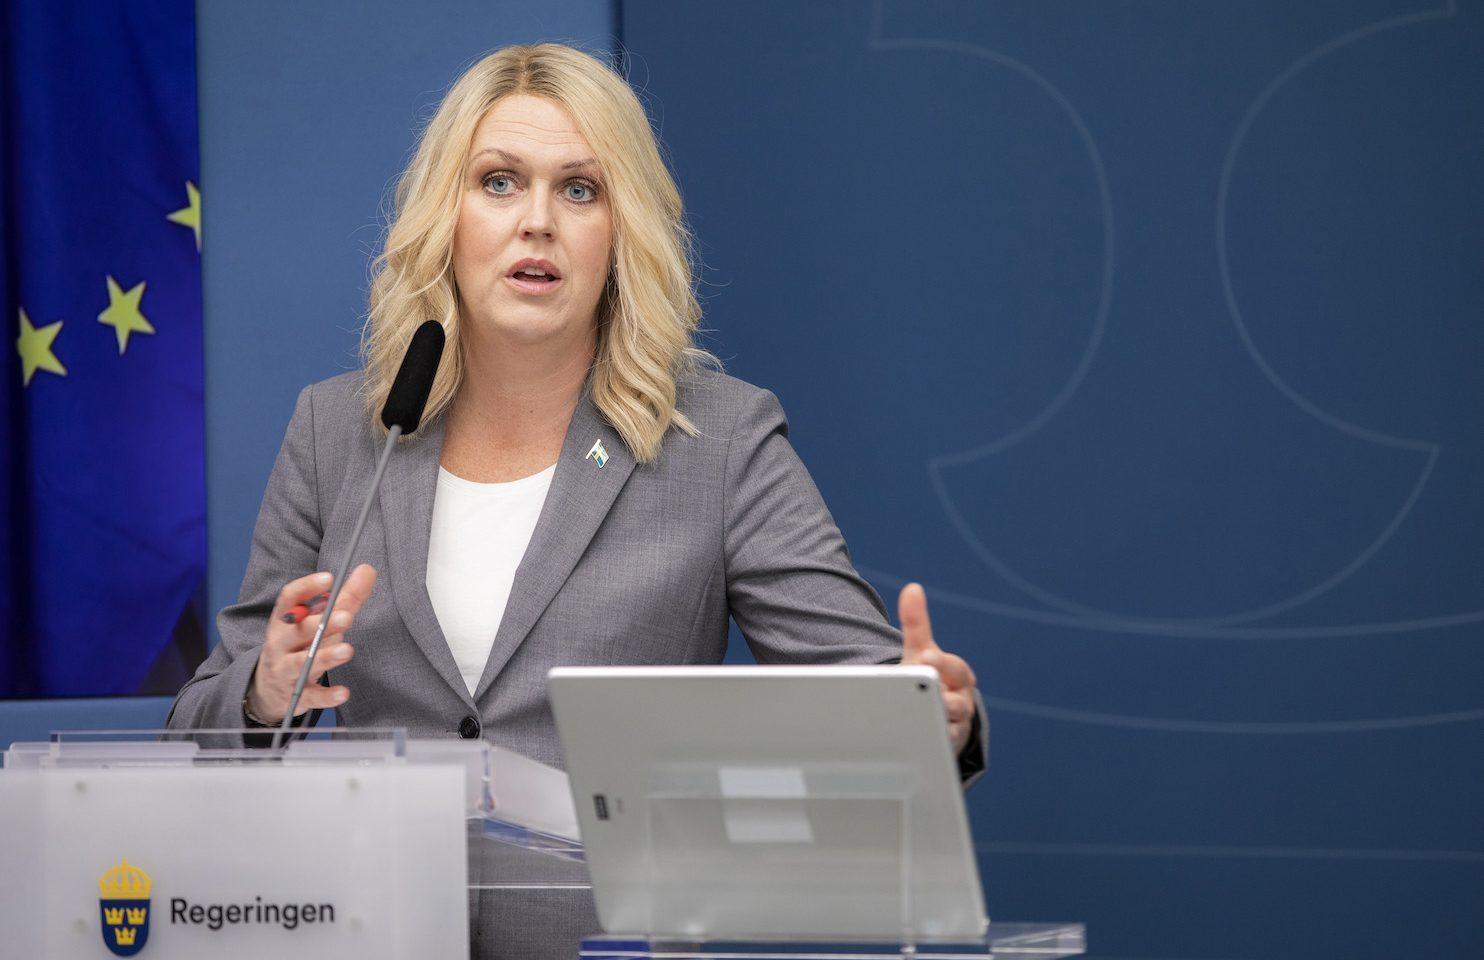 Socialminister Lena Hallengren har trots upprepade frågor valt att inte kommentera att hon medverkade på en FN-konferens med en människorättsförbrytare från Myanmar.